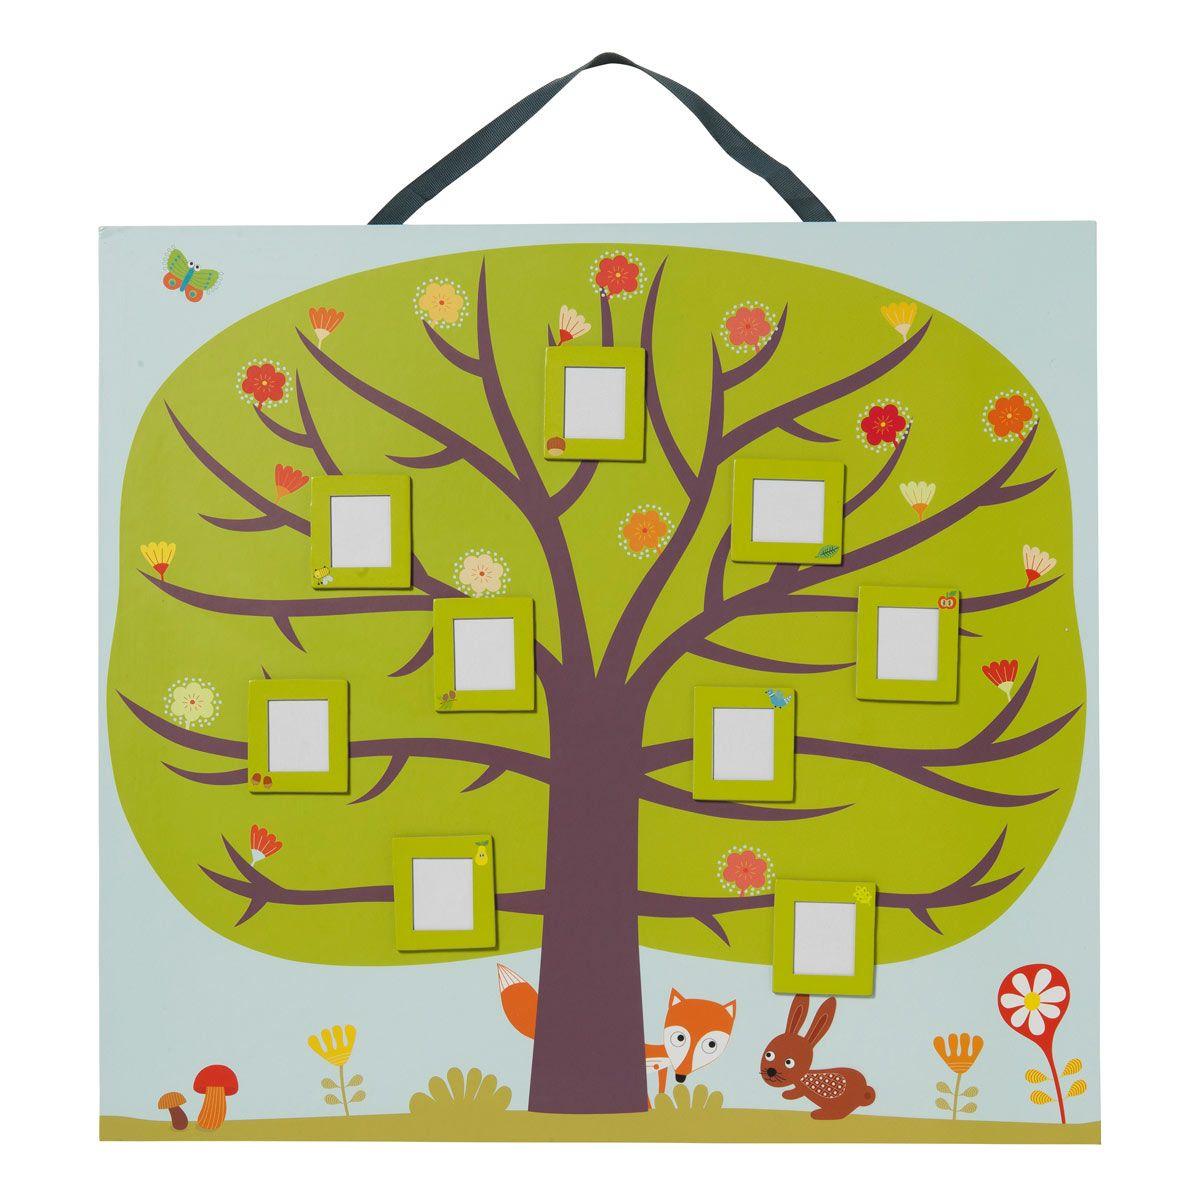 arbre g n alogique oxybul pour enfant de 4 ans 8 ans oxybul veil et jeux arbre. Black Bedroom Furniture Sets. Home Design Ideas